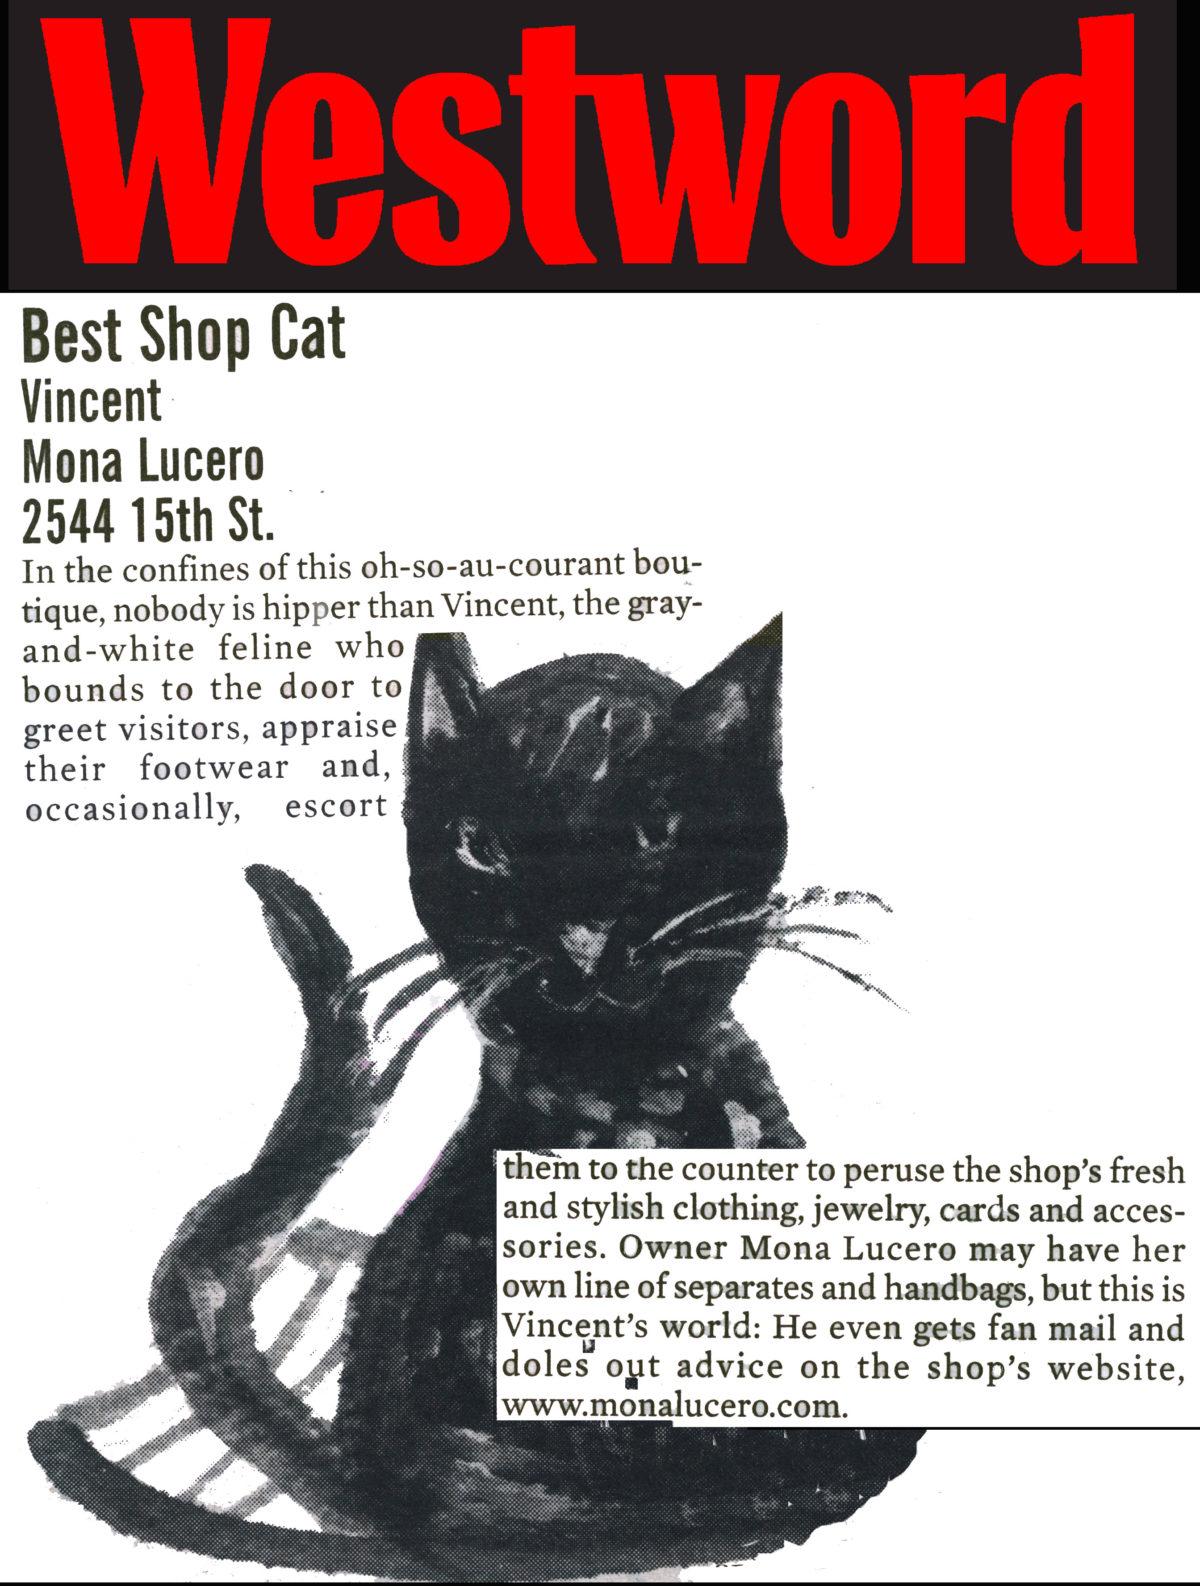 Mona_Lucero_Best_Shop_Cat_Westword